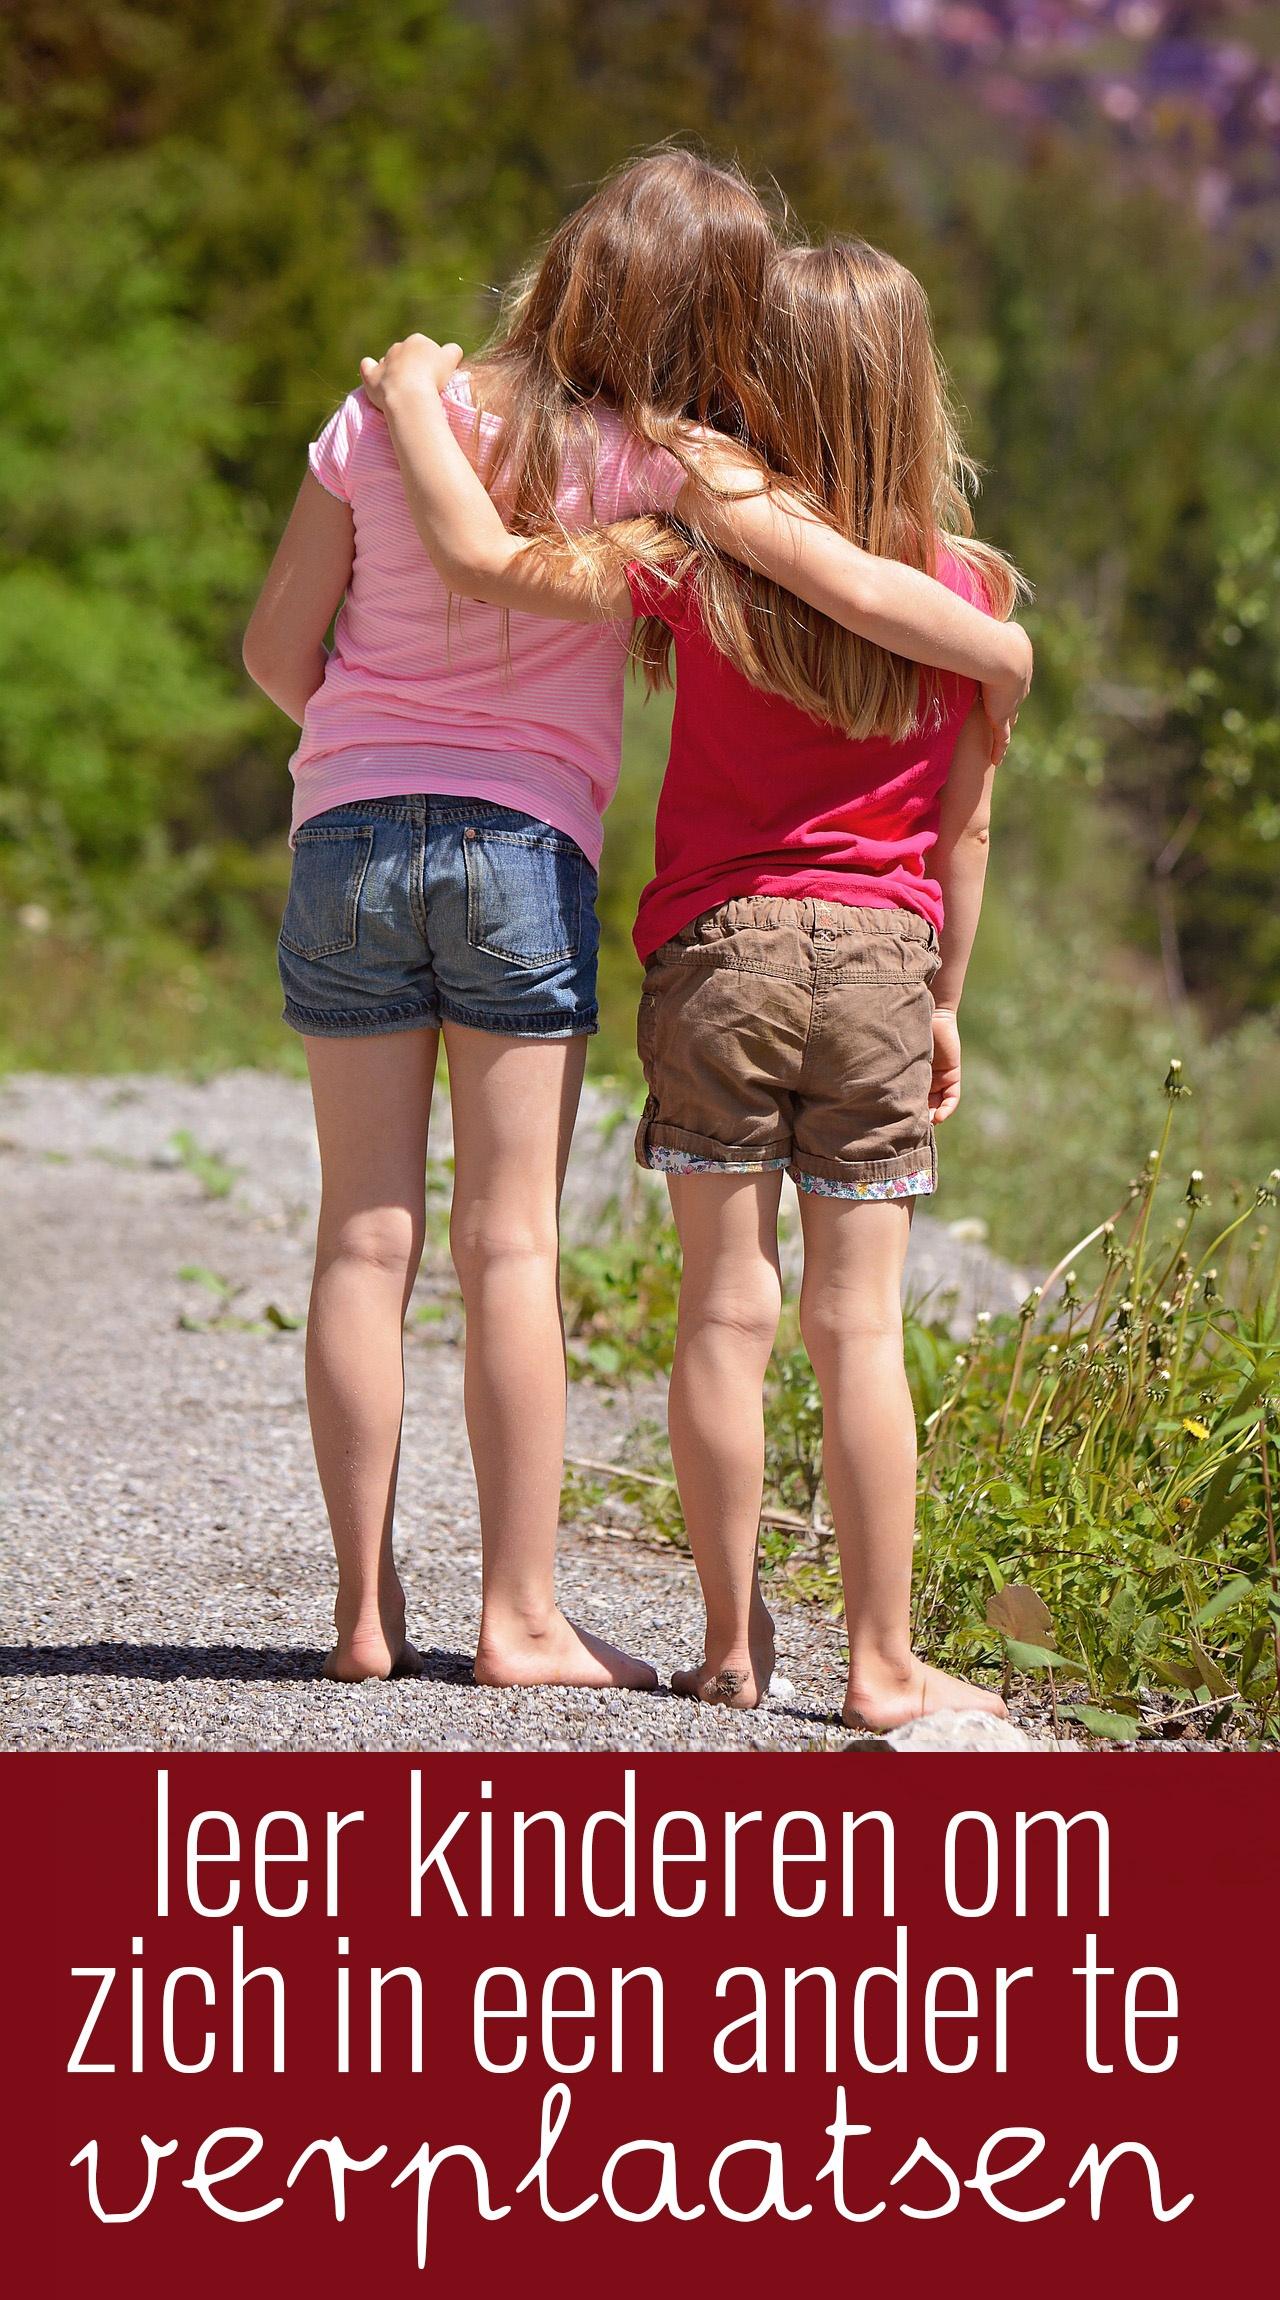 Kinderen leren om zich in een ander te verplaatsen klas van juf linda - Hoe een kamer van een kind te versieren ...